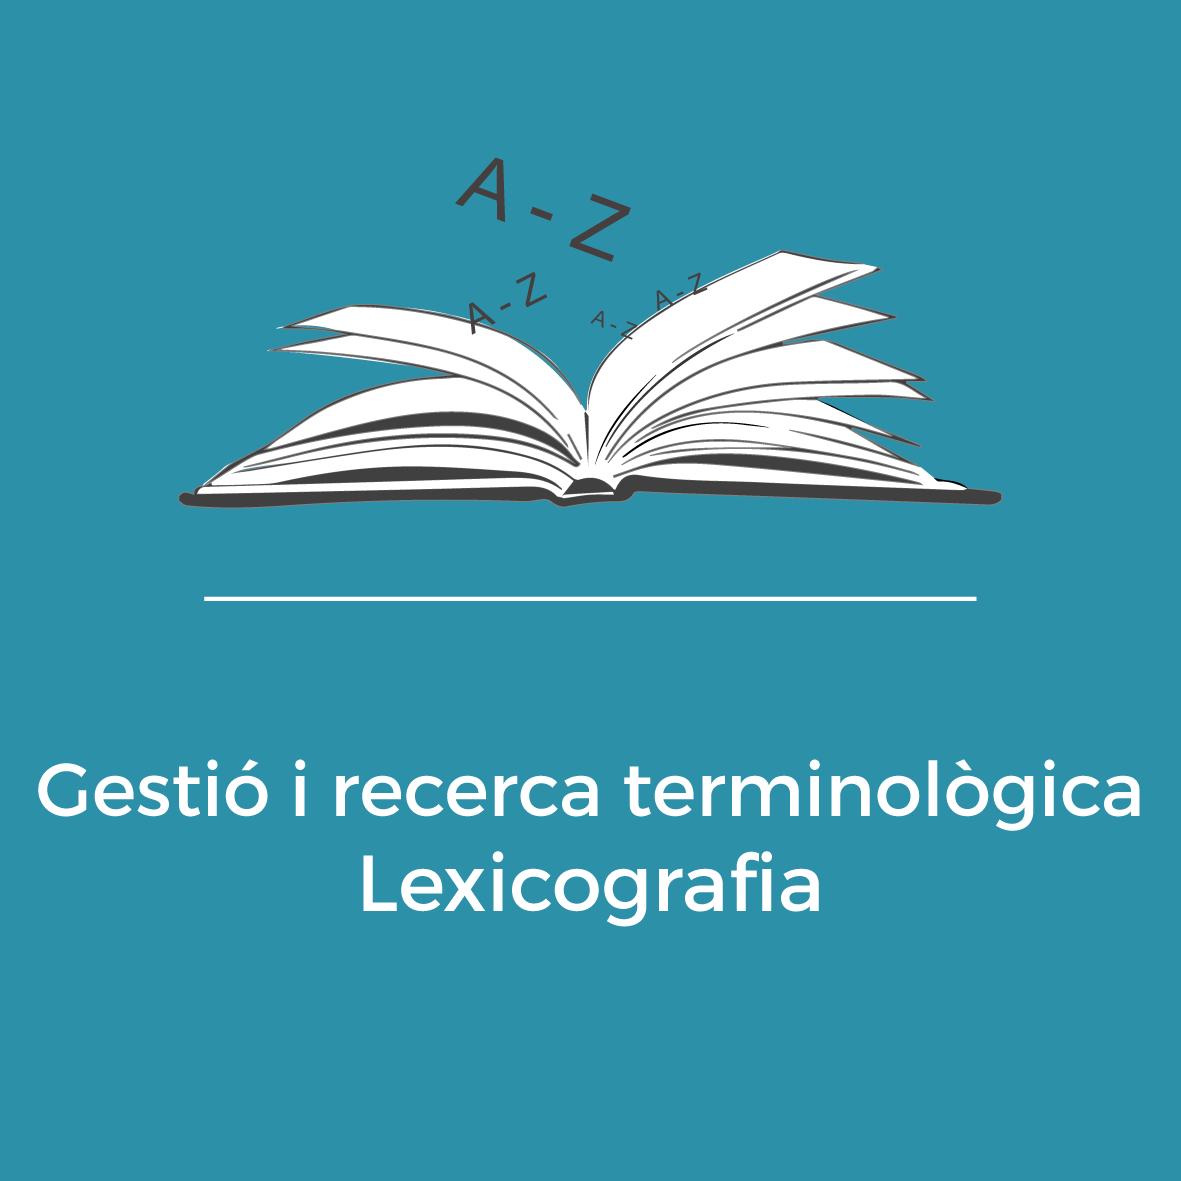 Serveis - Gestió i recerca termininològica - Lexicografia